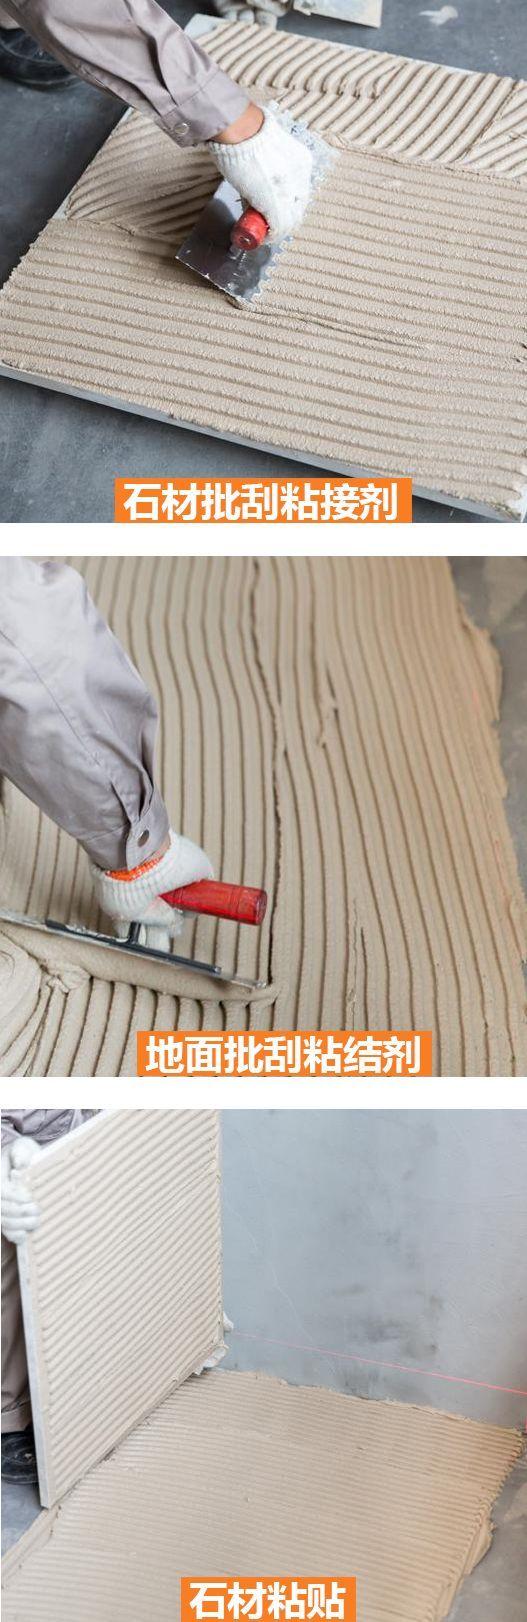 浅色天然石材的铺贴工艺及质量控制方案